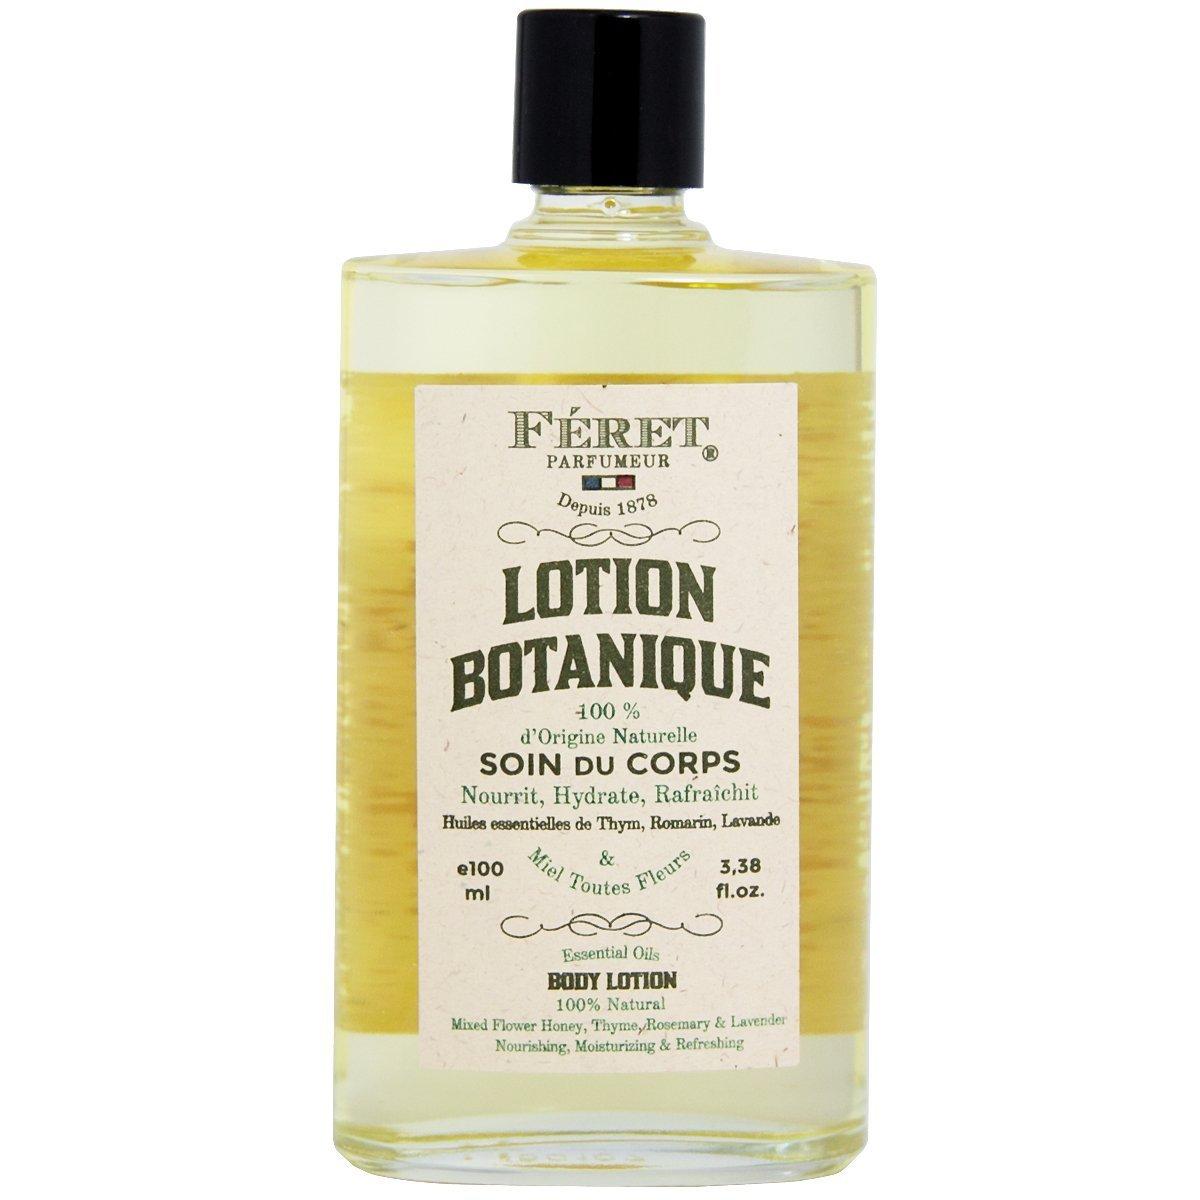 Féret Parfumeur Lotion Botanique 100ml - Body Botanical Spasm price Max 79% OFF